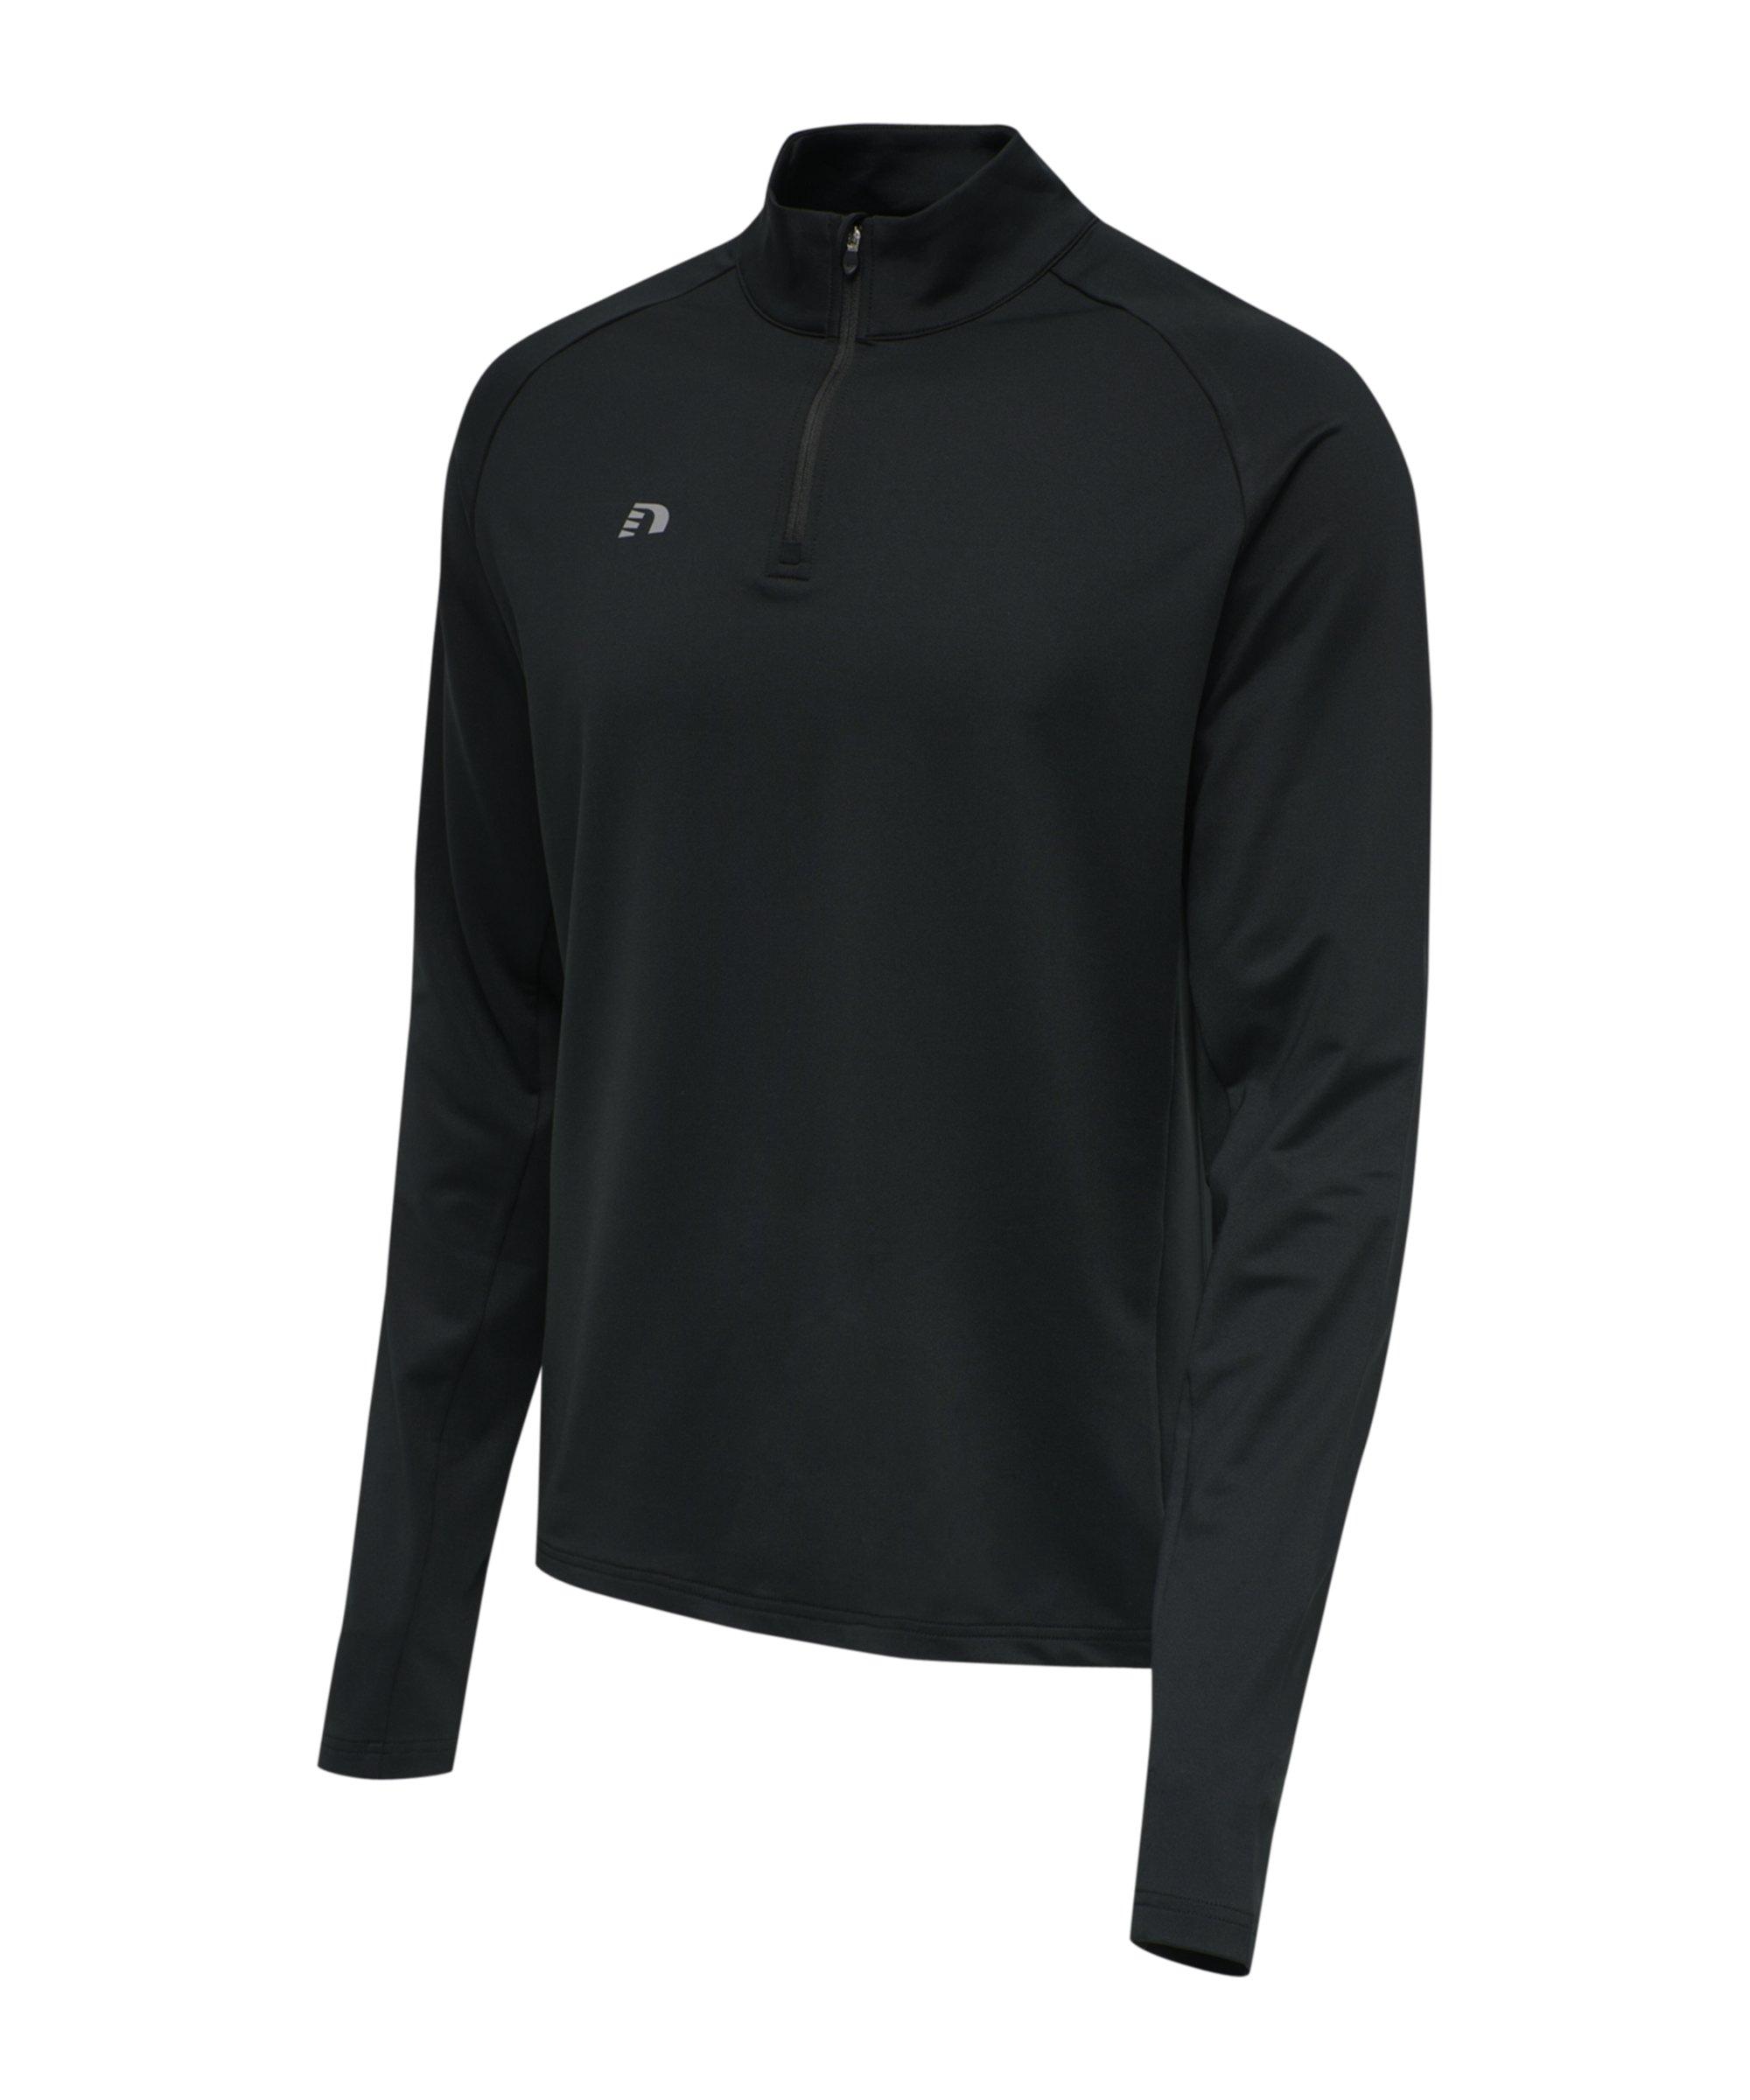 Newline Core HalfZip Sweatshirt Running F2001 - schwarz